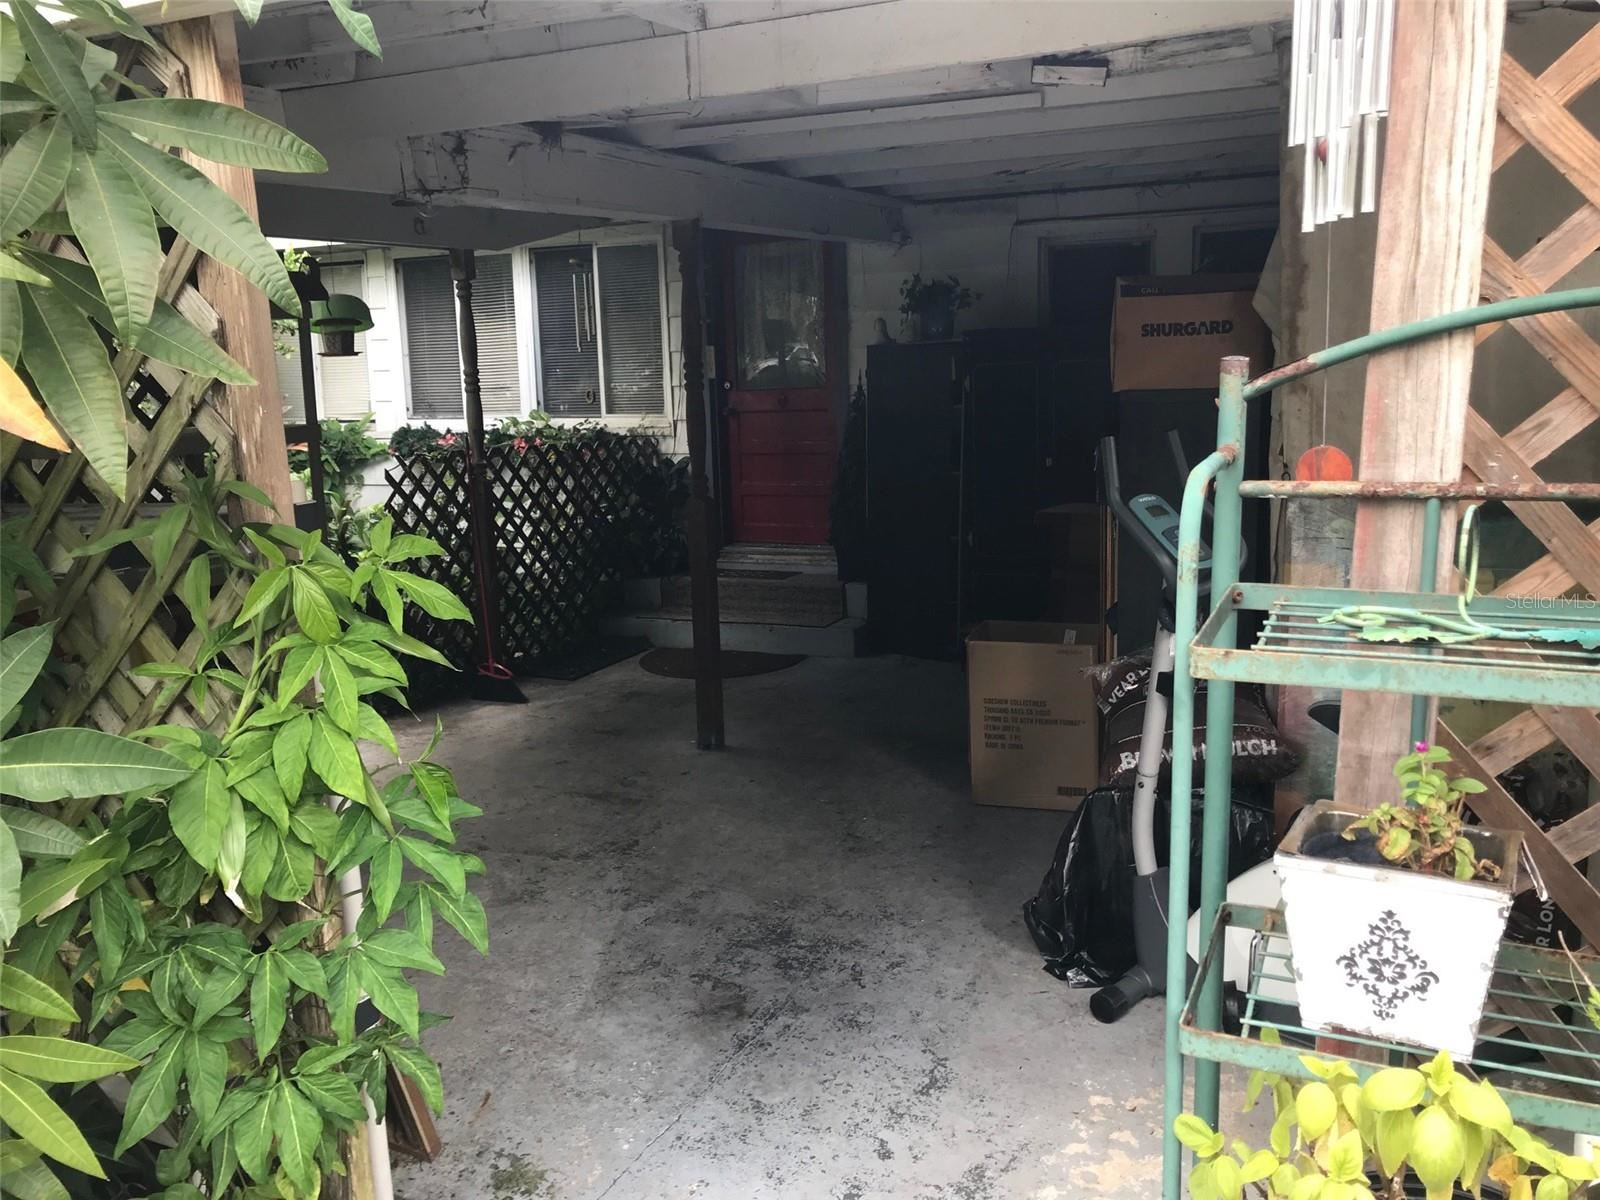 Photo of 826 N HYER AVENUE, ORLANDO, FL 32803 (MLS # O5974719)